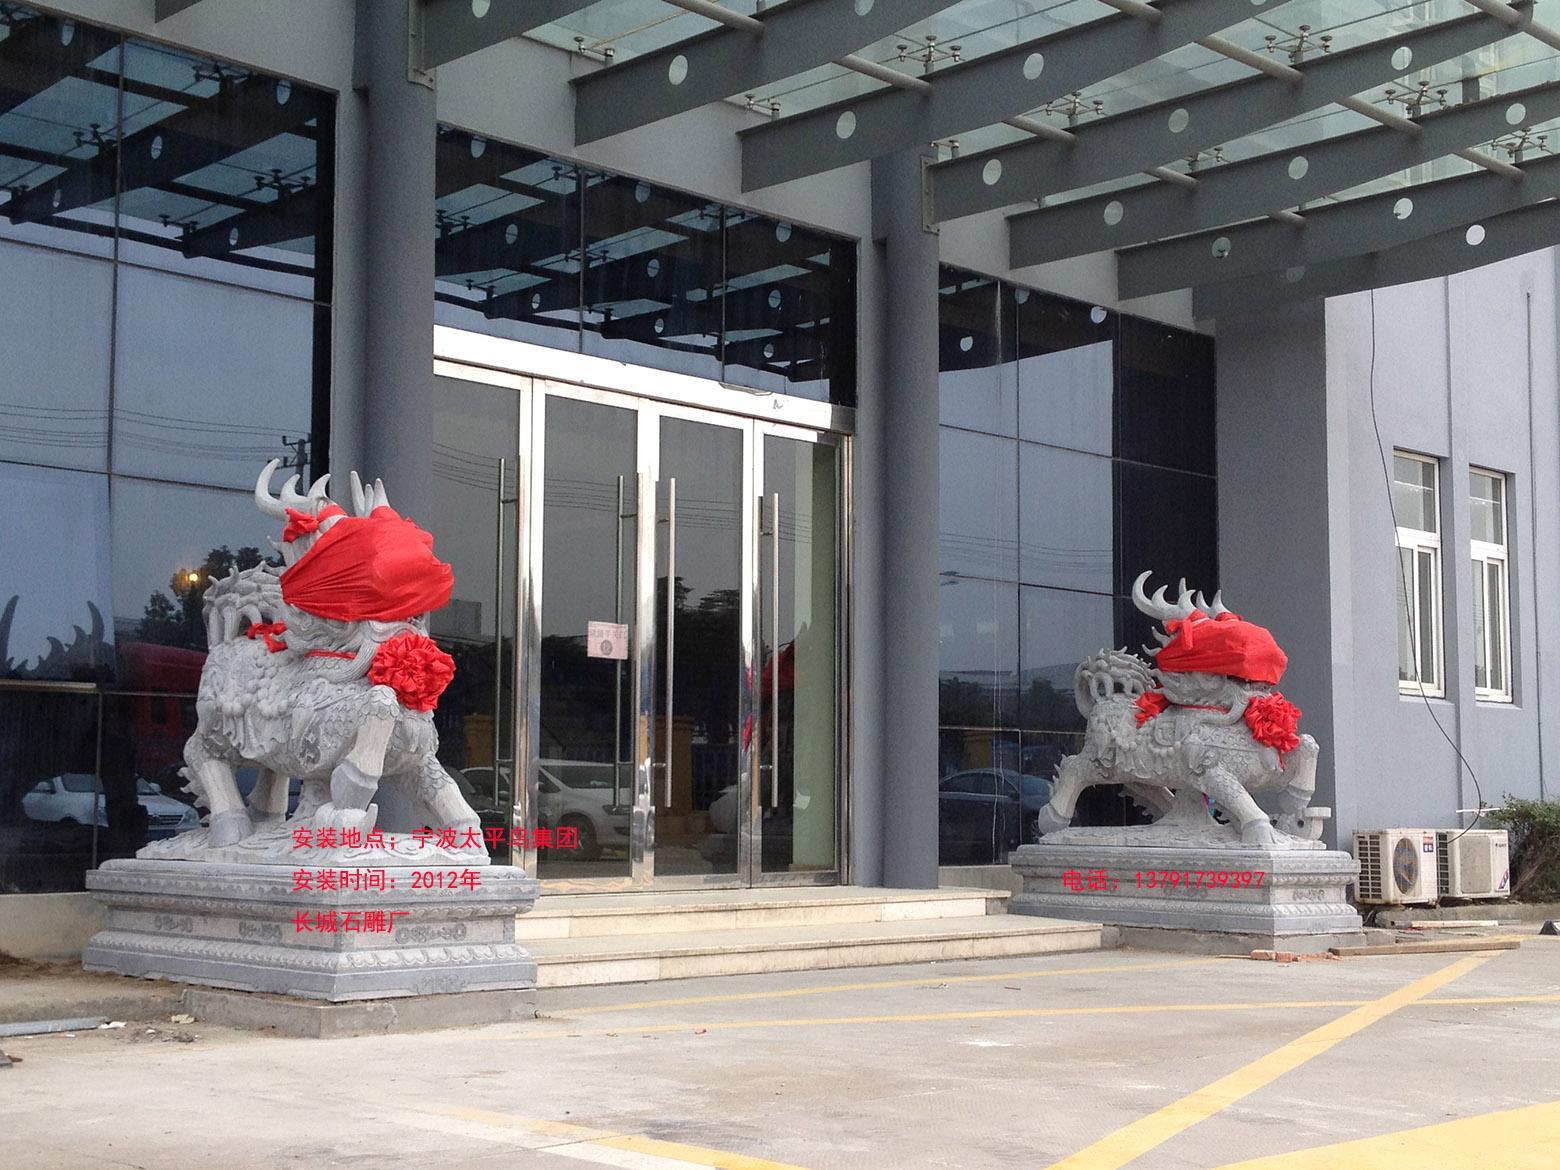 太平鸟集团石雕麒麟样式